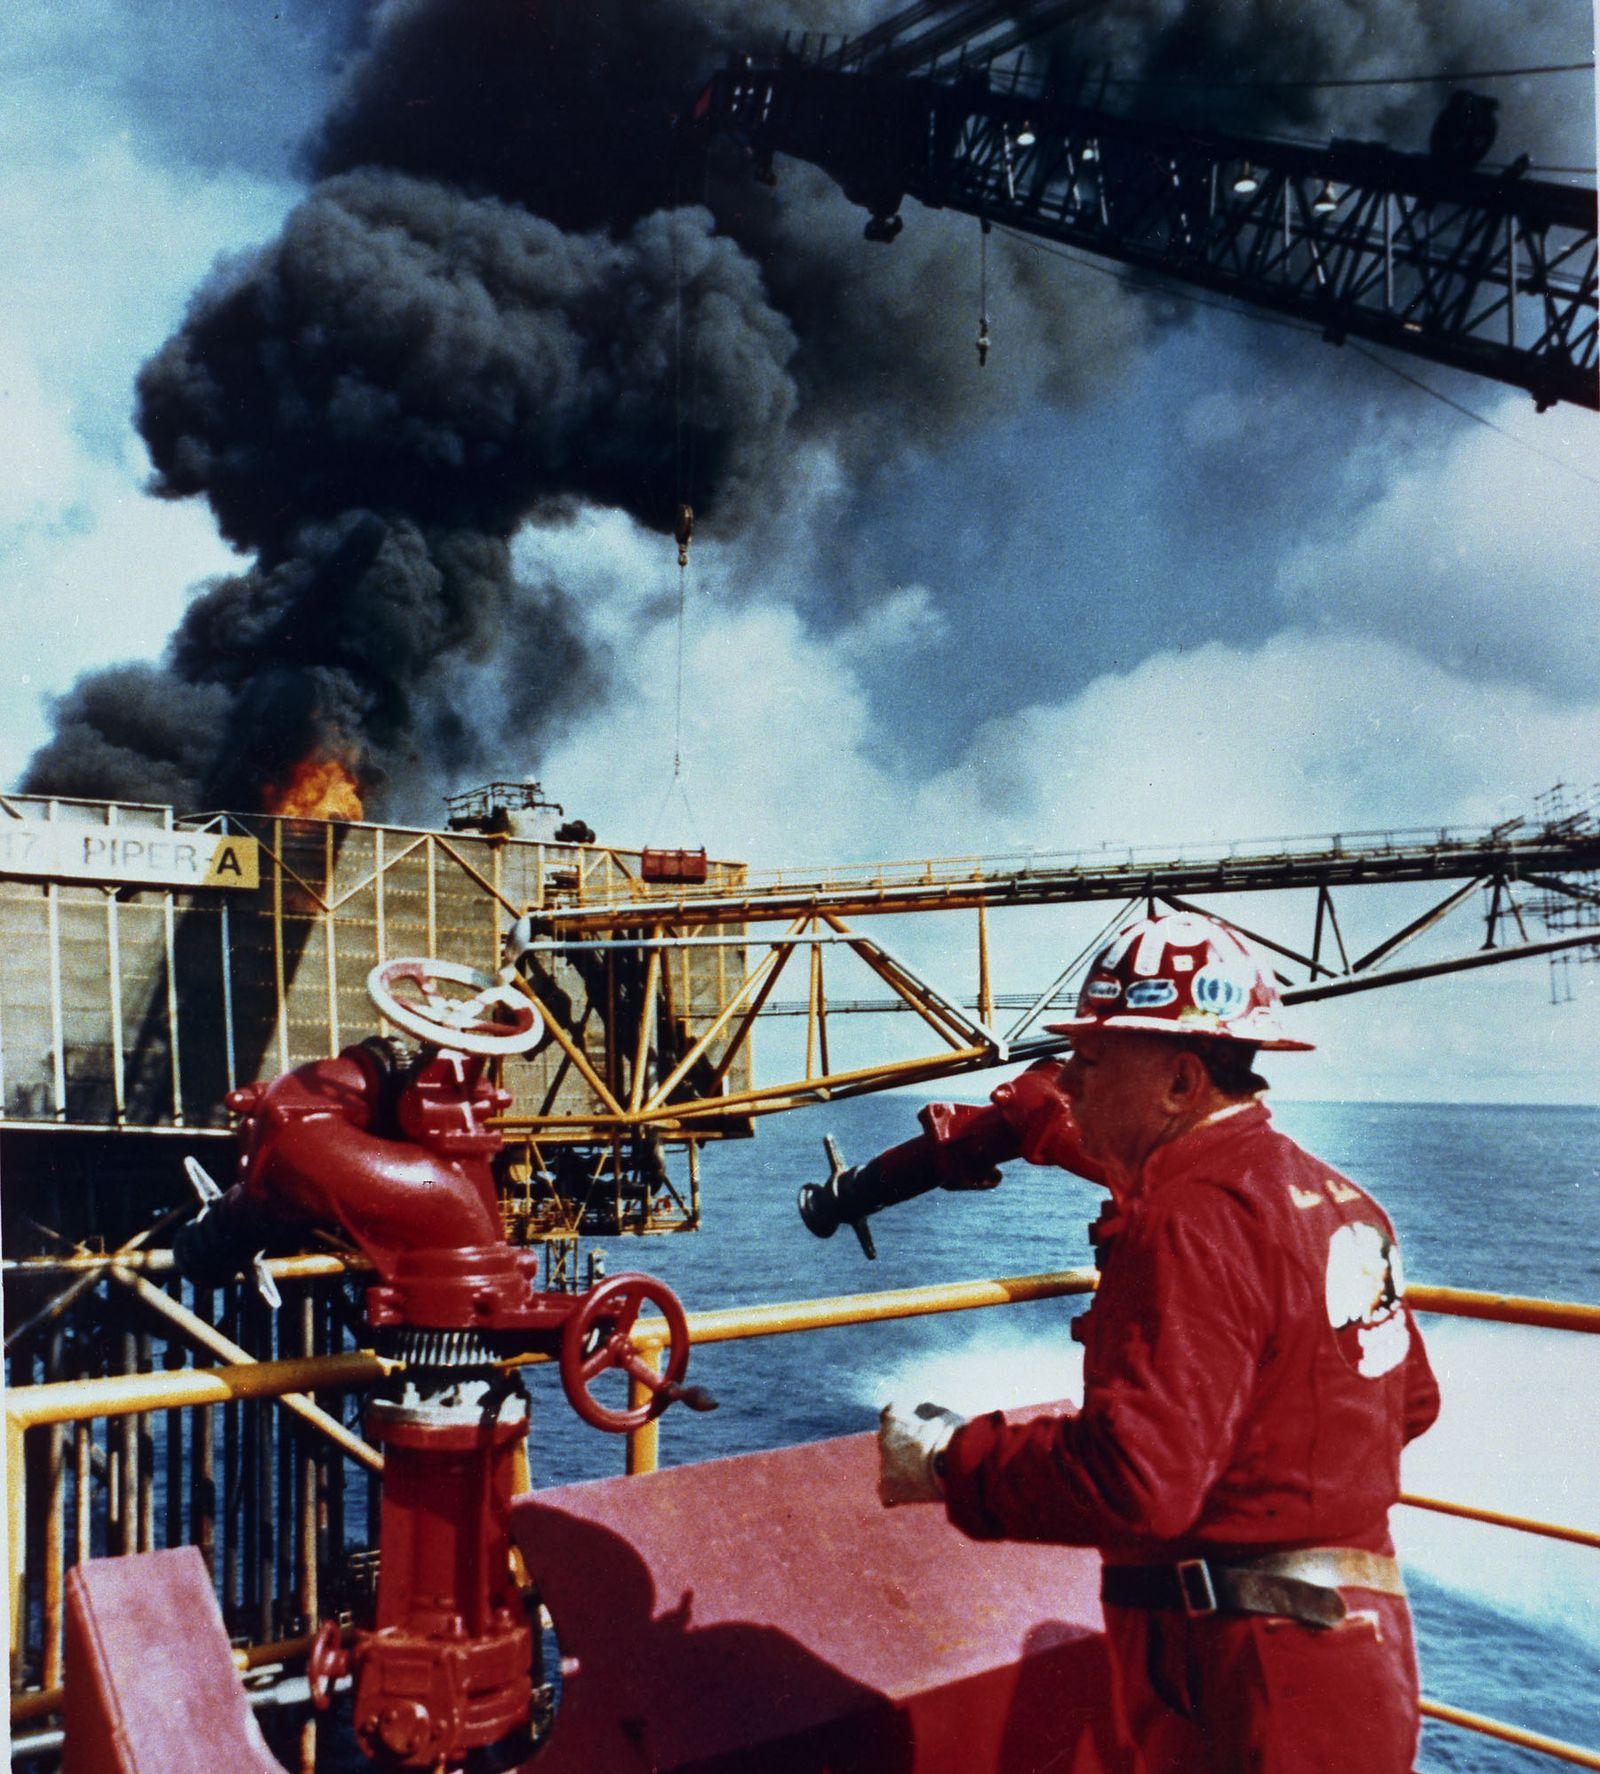 Öl / Unfall / Piper Alpha